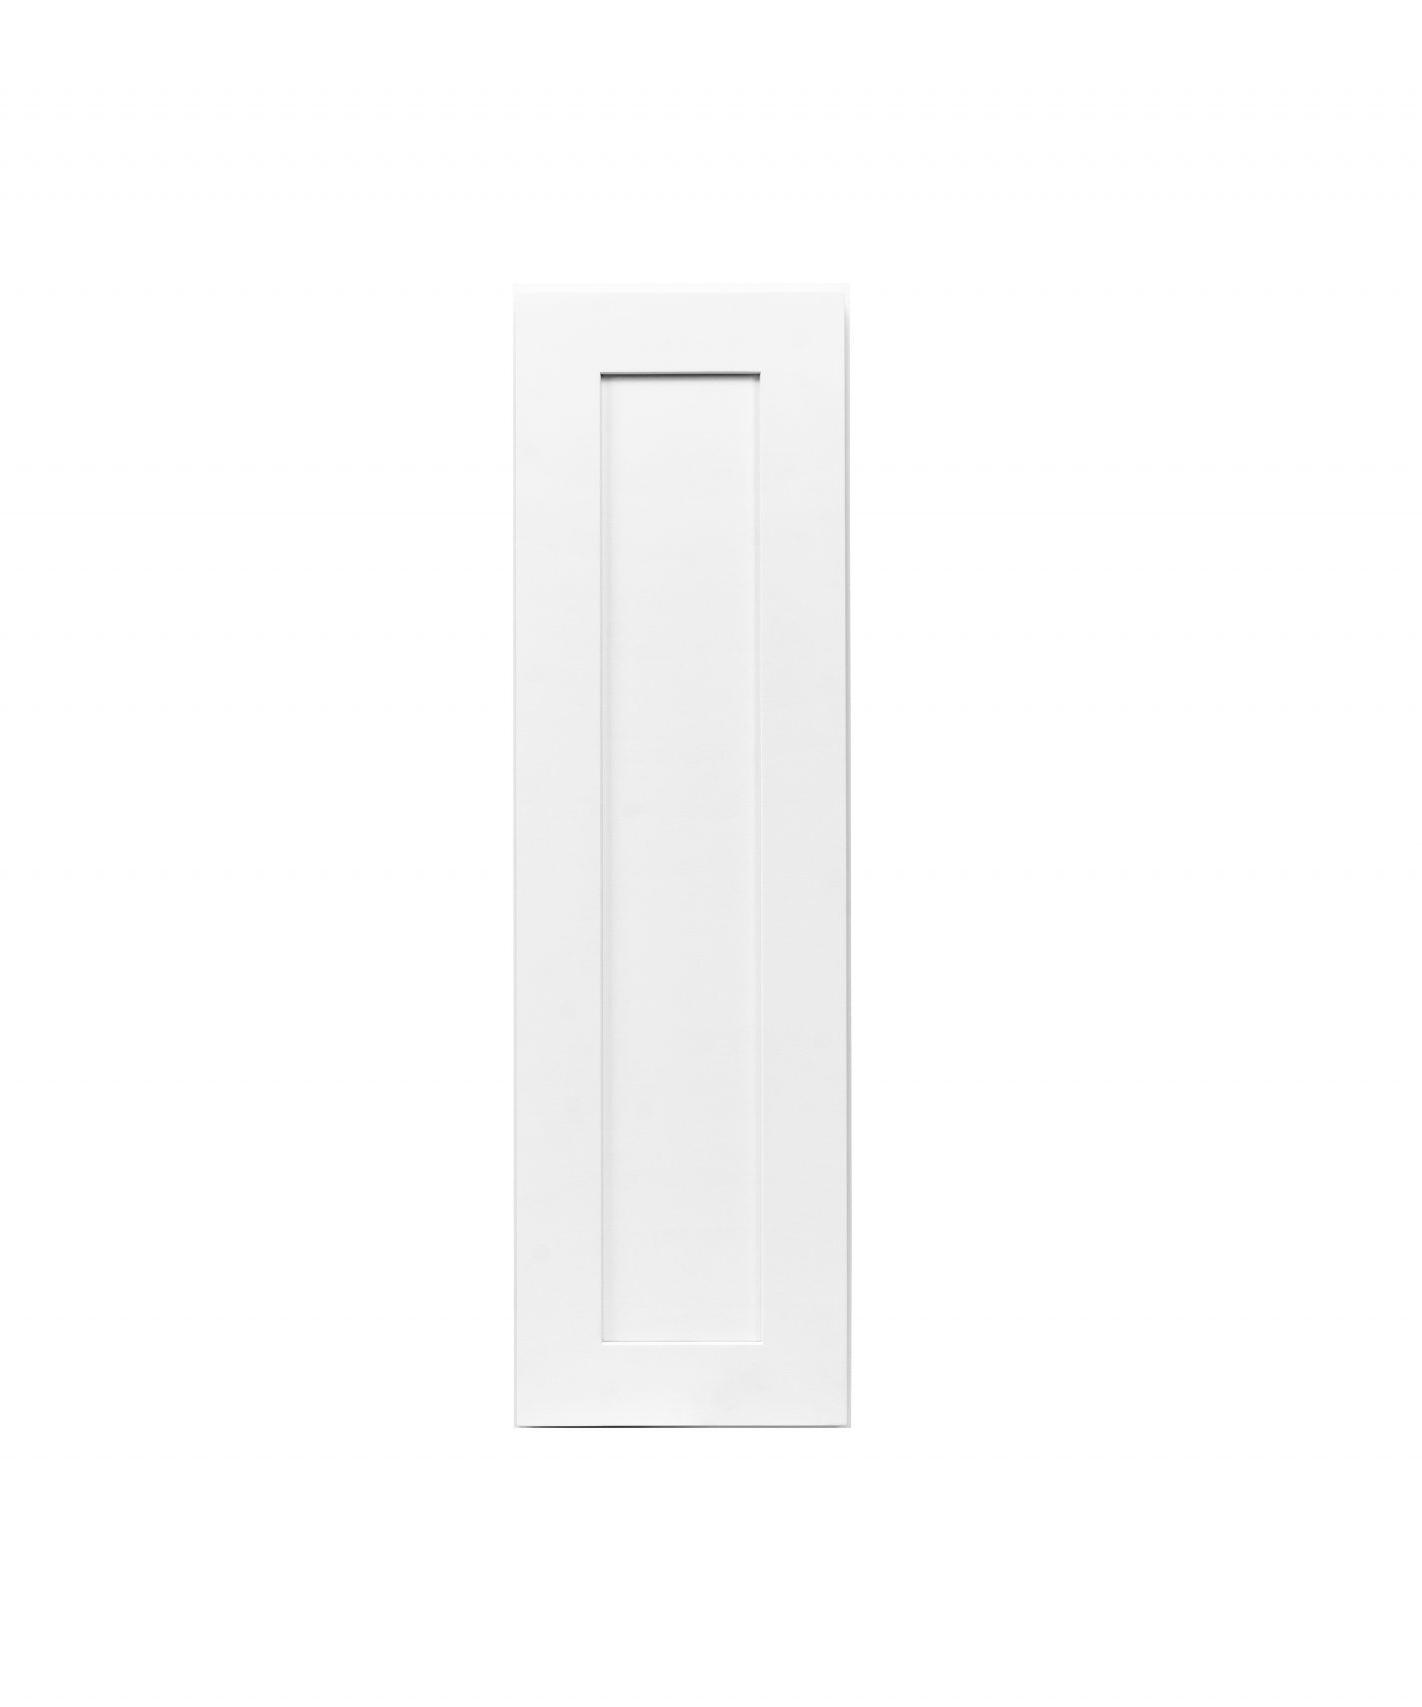 White Shaker Cabinetry W09, W12, W15, W18, W21